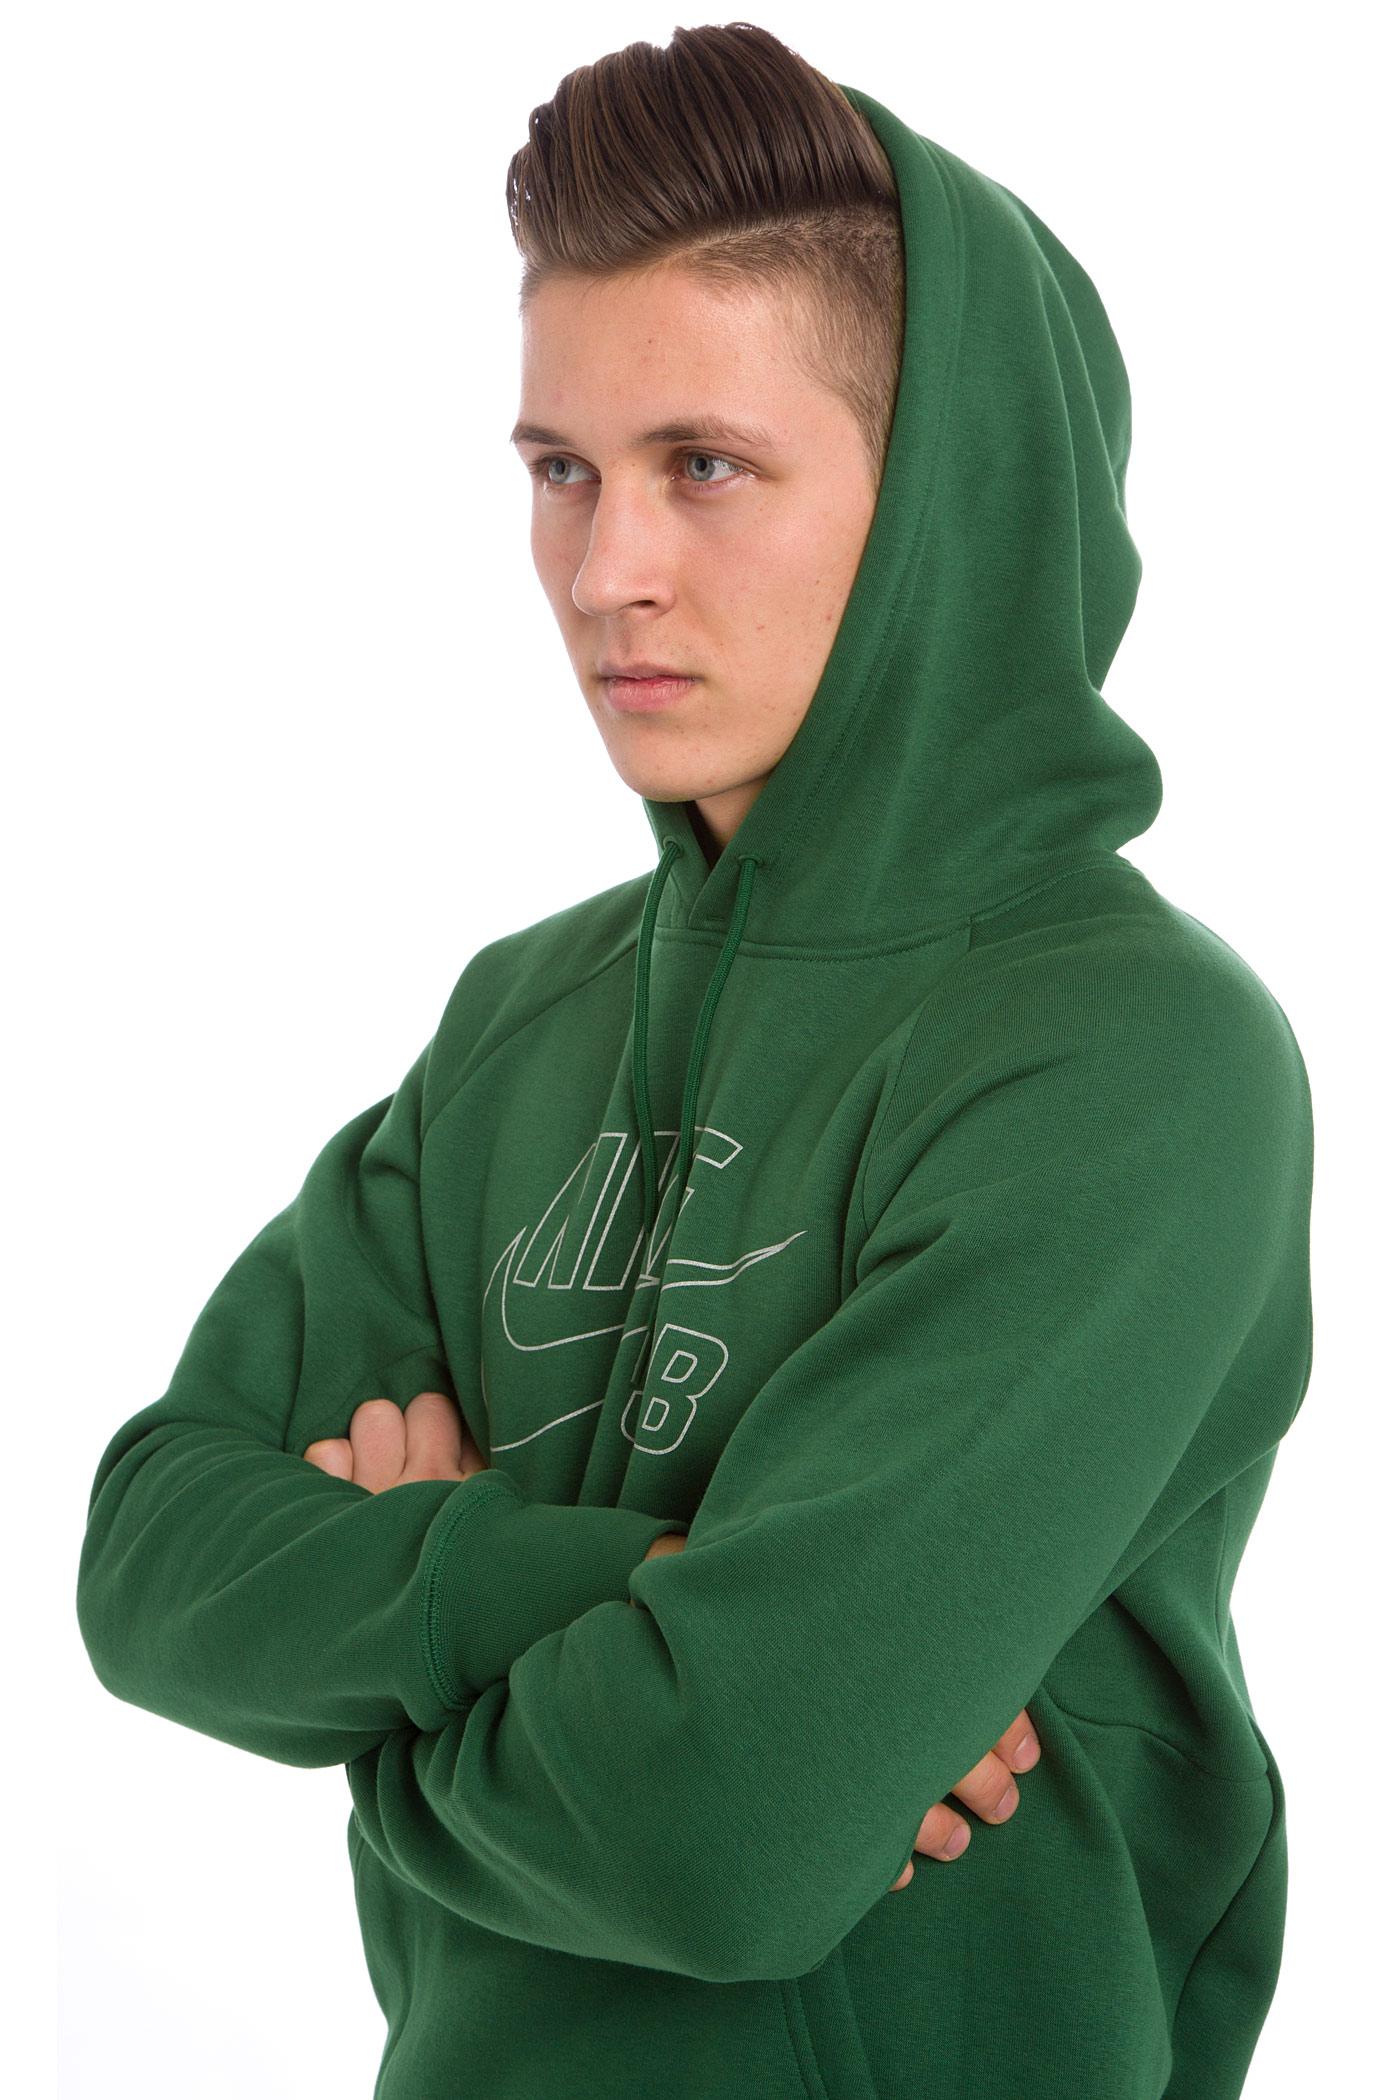 Reflective hoodies